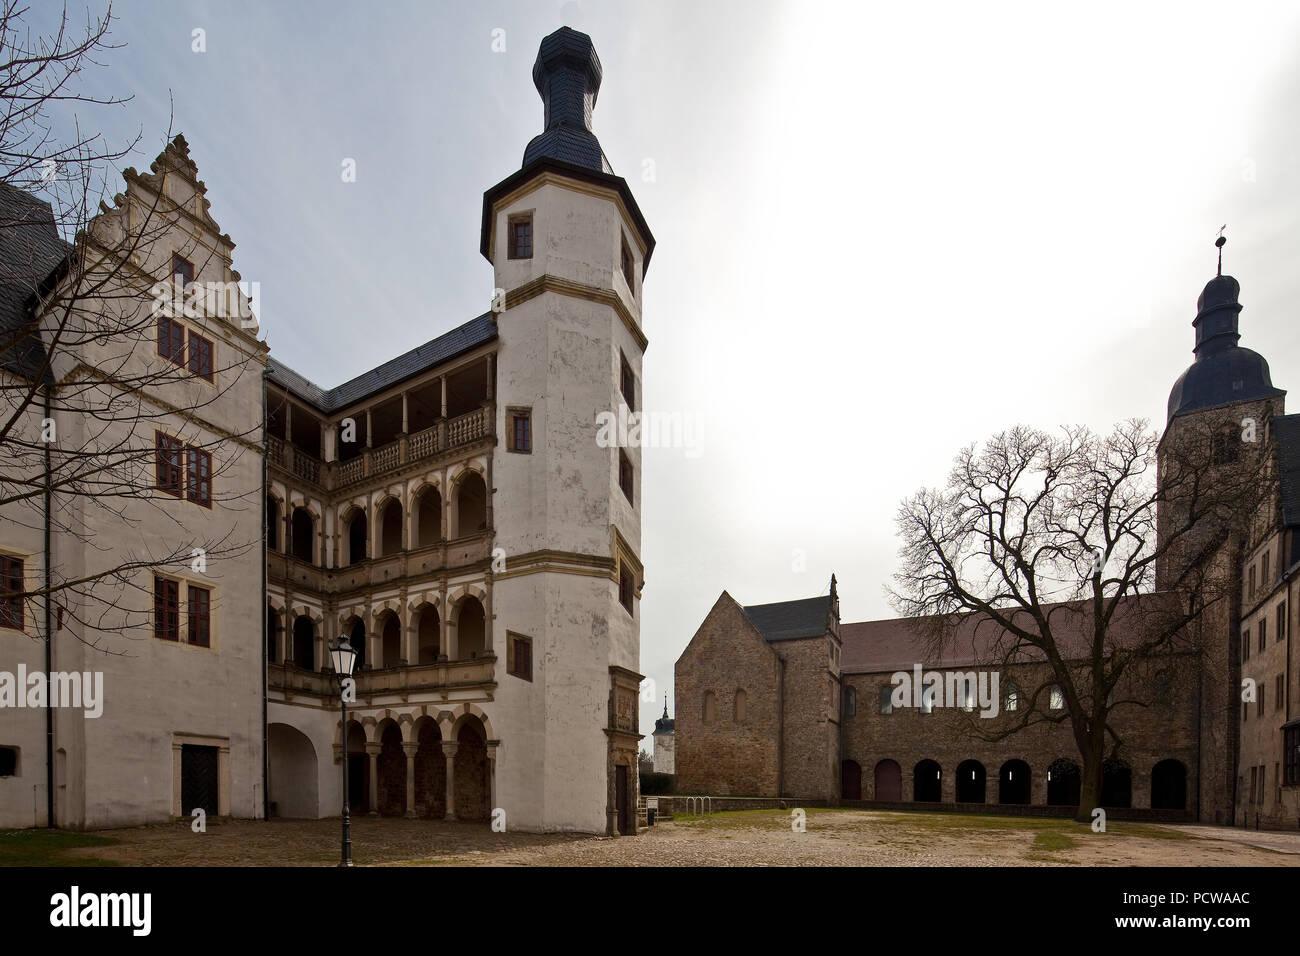 Links Rest von Schloß Althaus mit Treppenturm und Loggia, ganz links Südteil vom Hobeckschloß, beide Ende 16. Jhd., dsub Ehem. Stiftskirche Stockbild